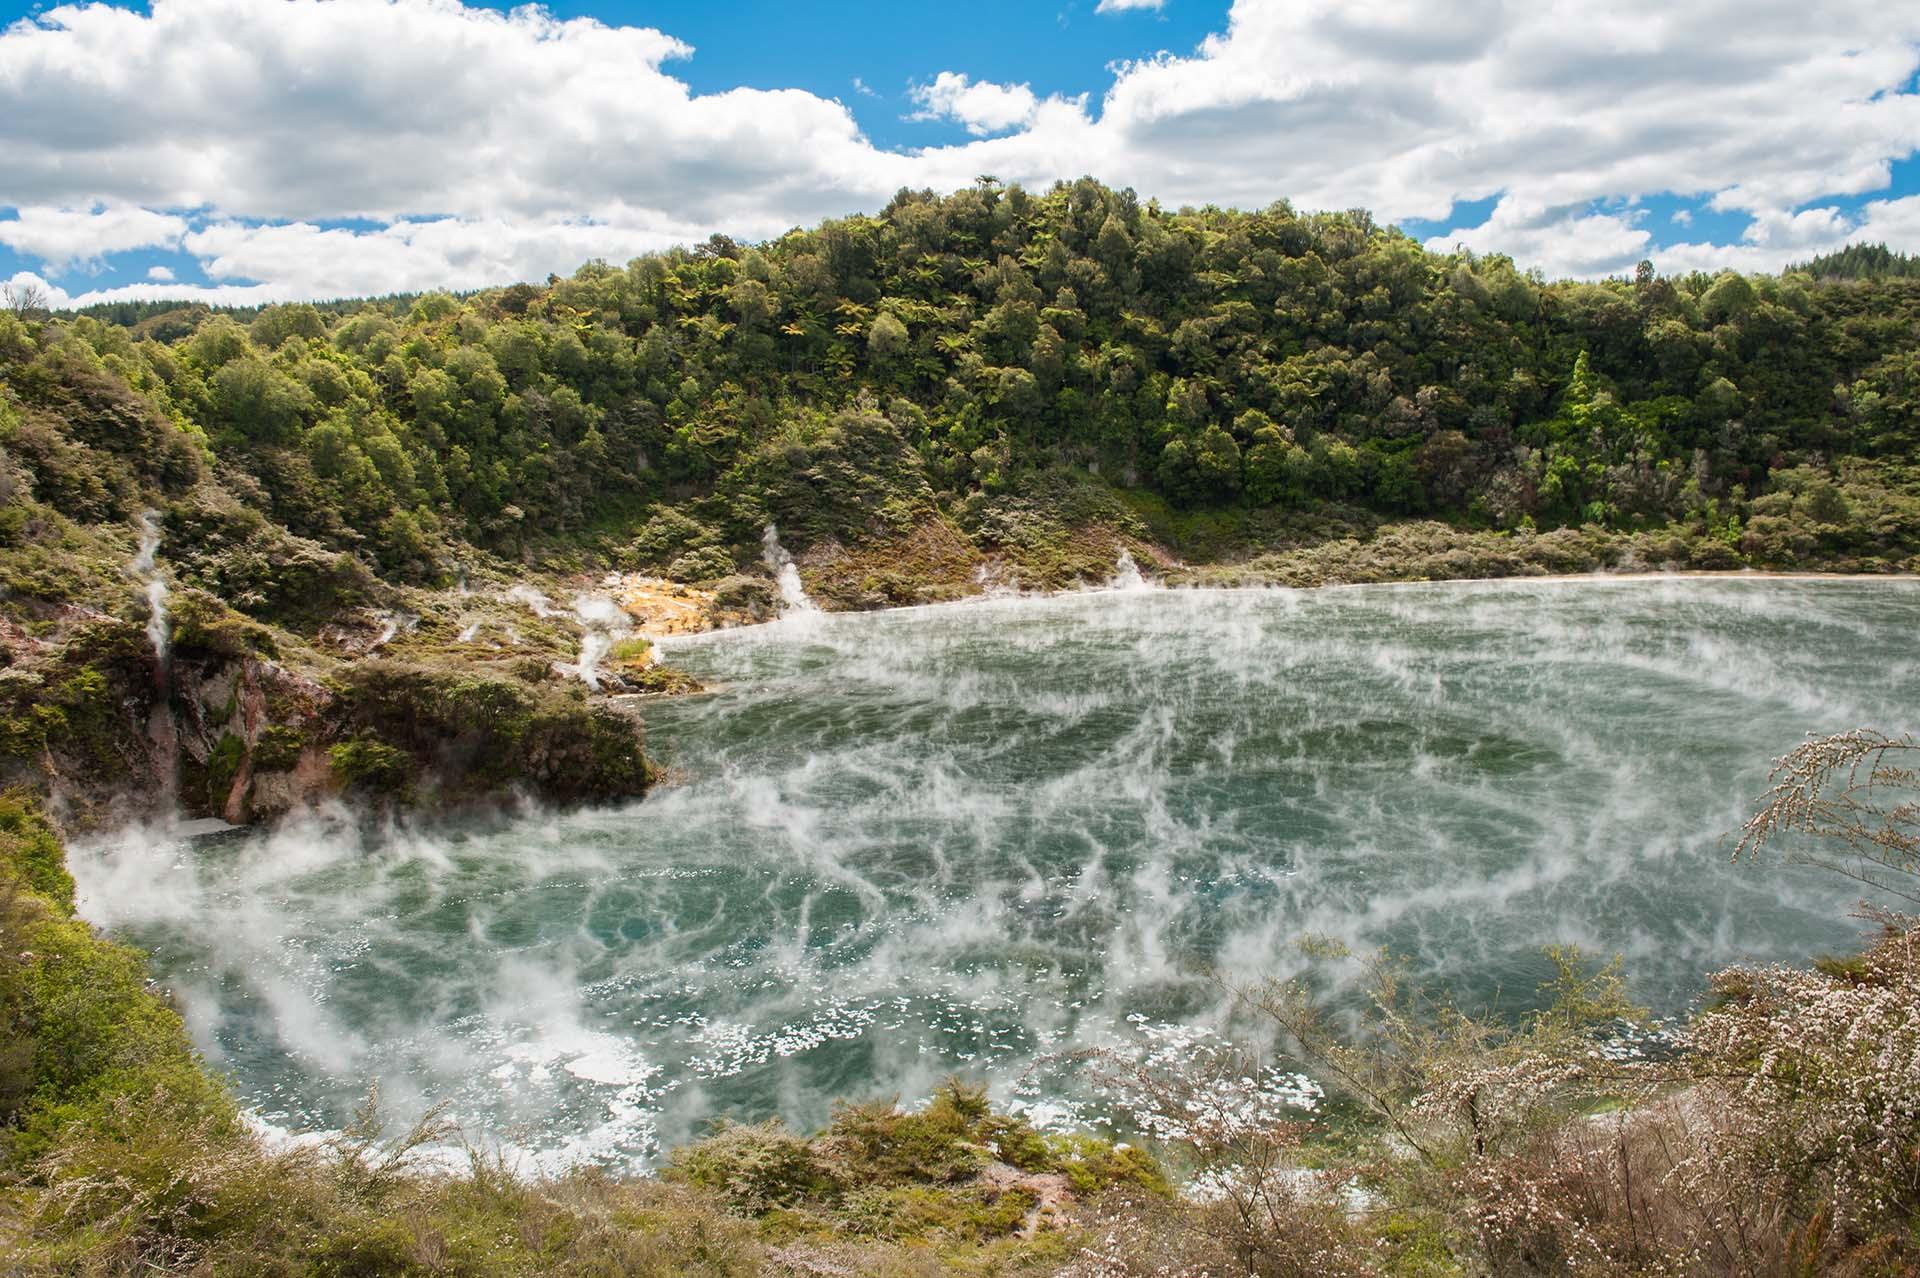 Frying Pan Lake es la fuente termal más grande del mundo. Se encuentra en el Echo Crater del Valle del Rift Volcánico Waimangu, Nueva Zelanda, y su agua ácida mantiene una temperatura de aproximadamente 50-60 ° C